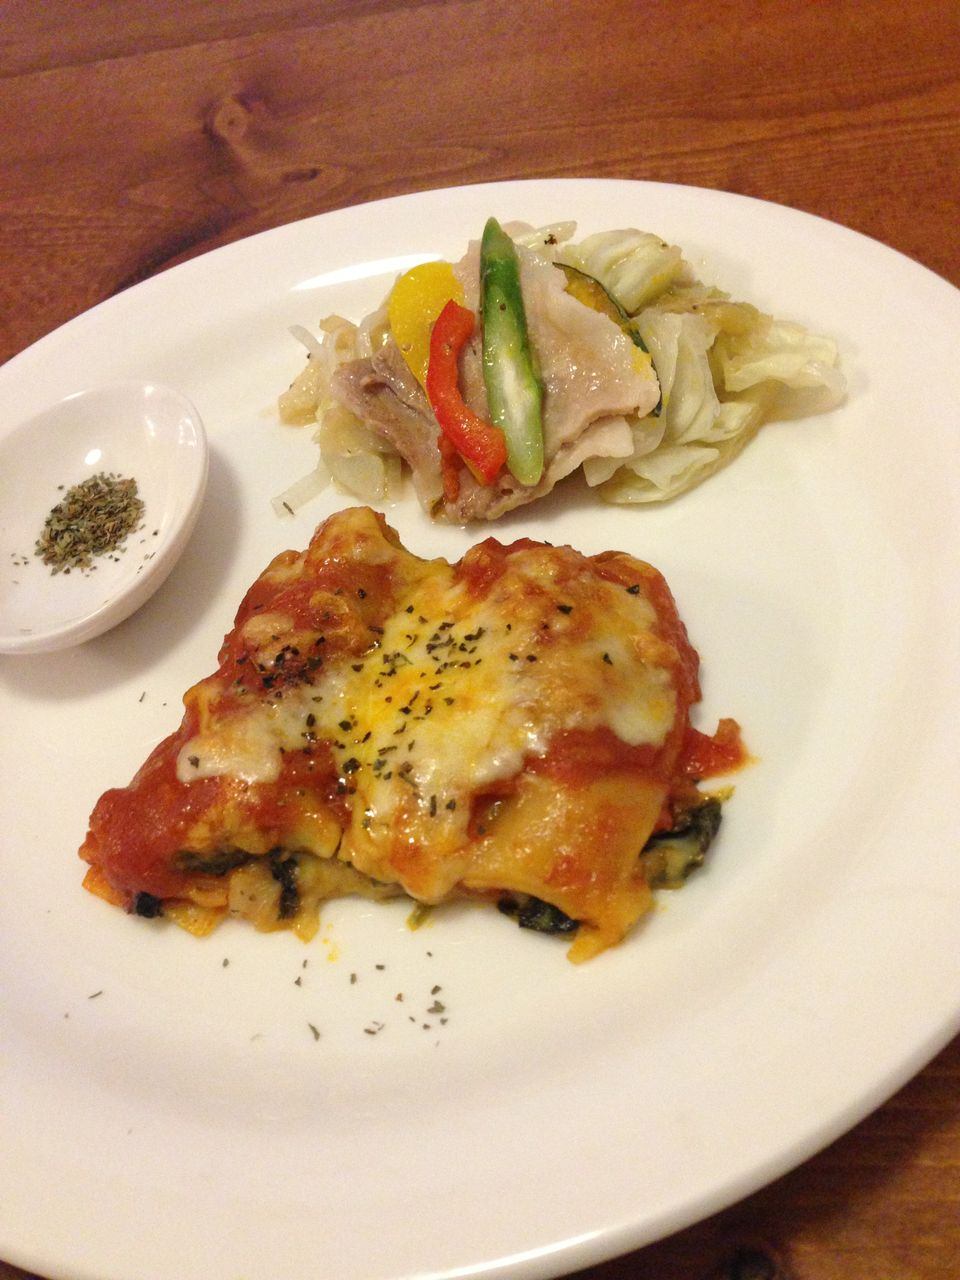 【レシピ】簡単☆豚肉と野菜のオイル蒸し